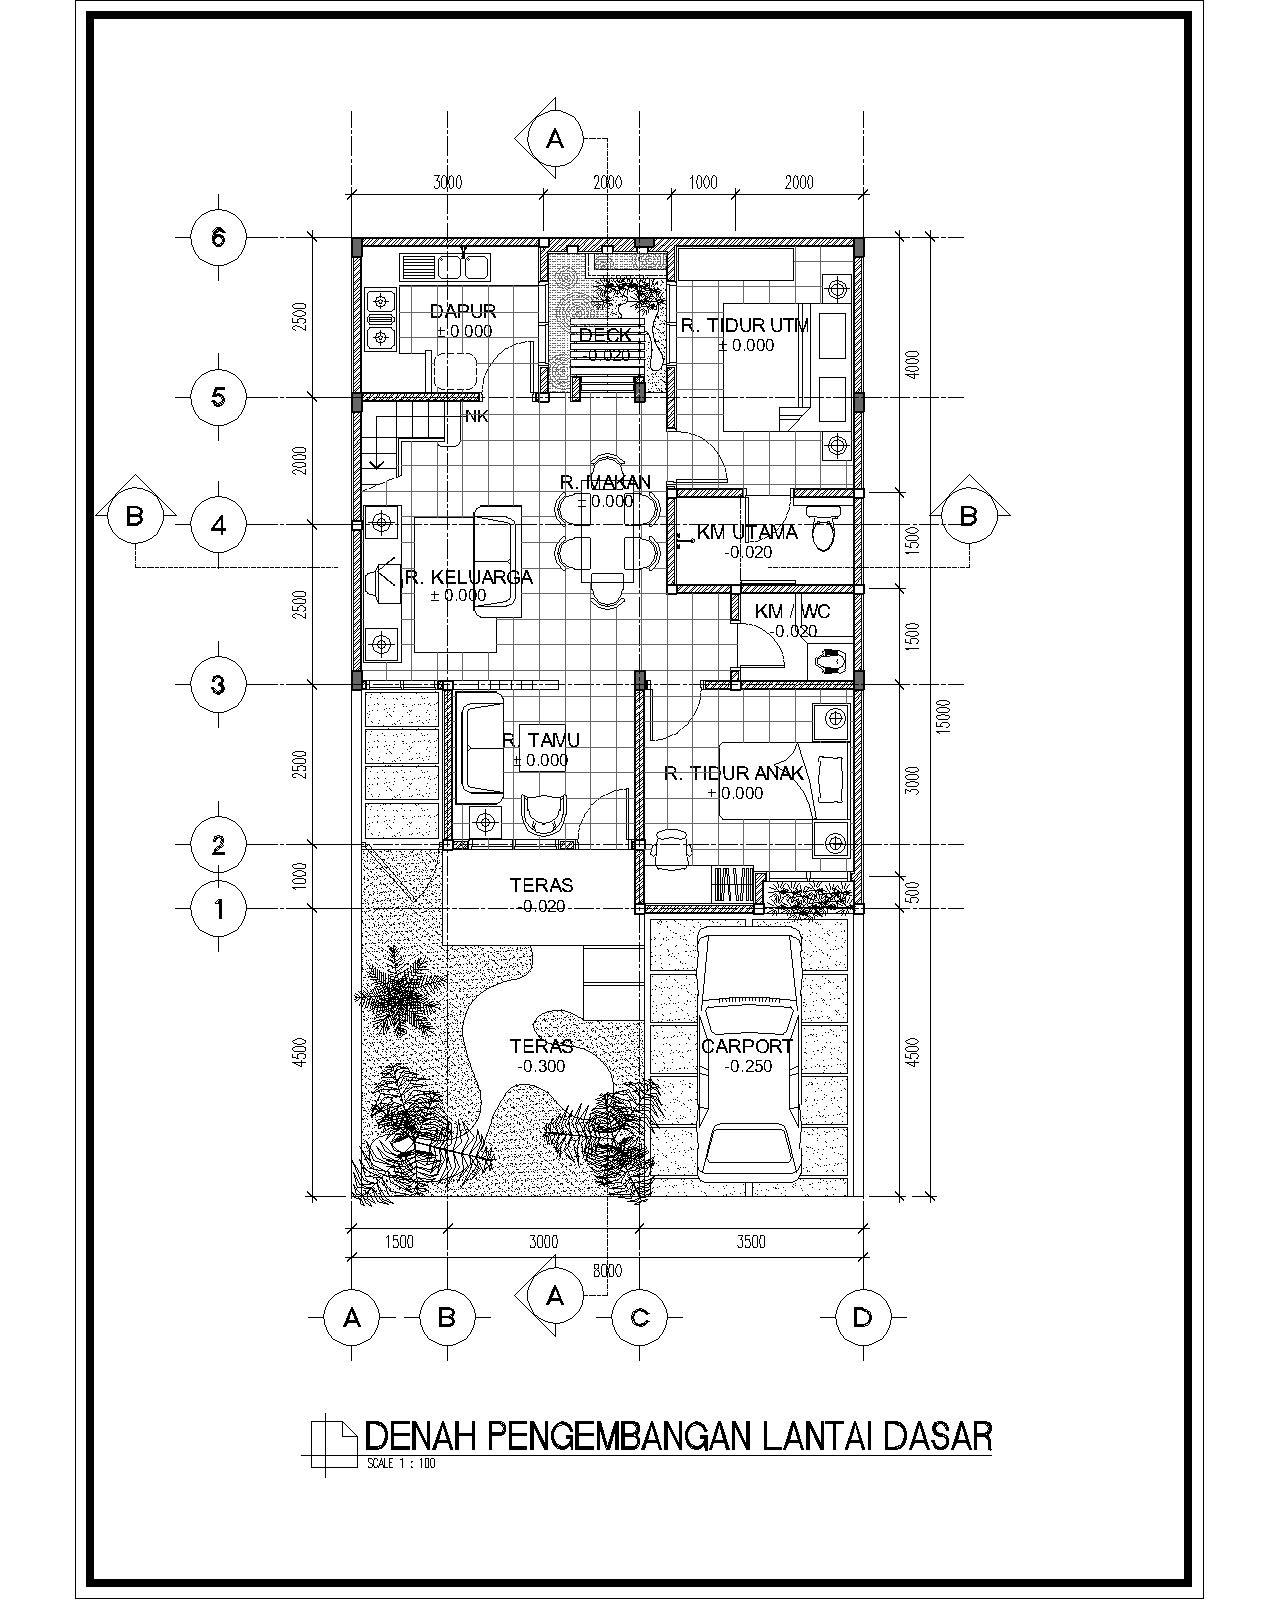 Image Result For Denah Rumah Lantai Cad